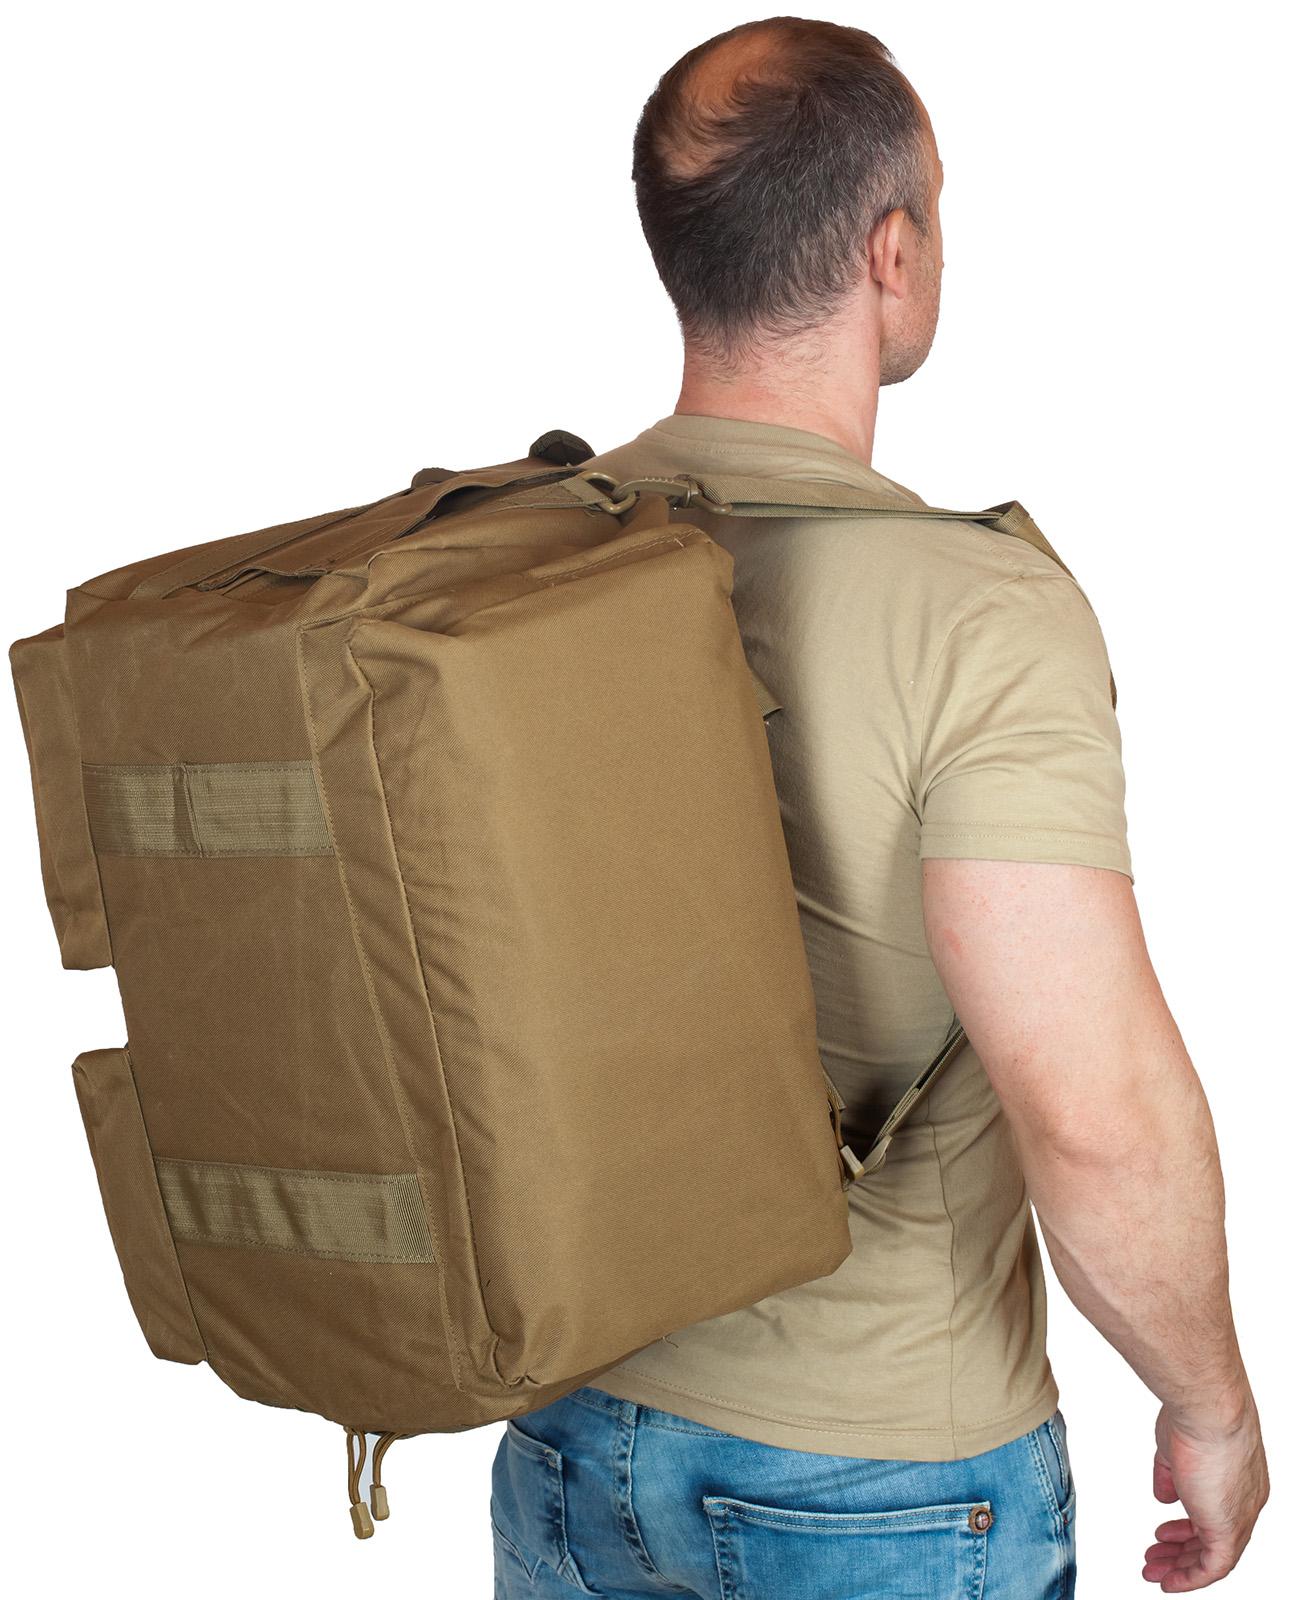 Армейская надежная сумка-рюкзак с нашивкой Танковые Войска - купить в подарок